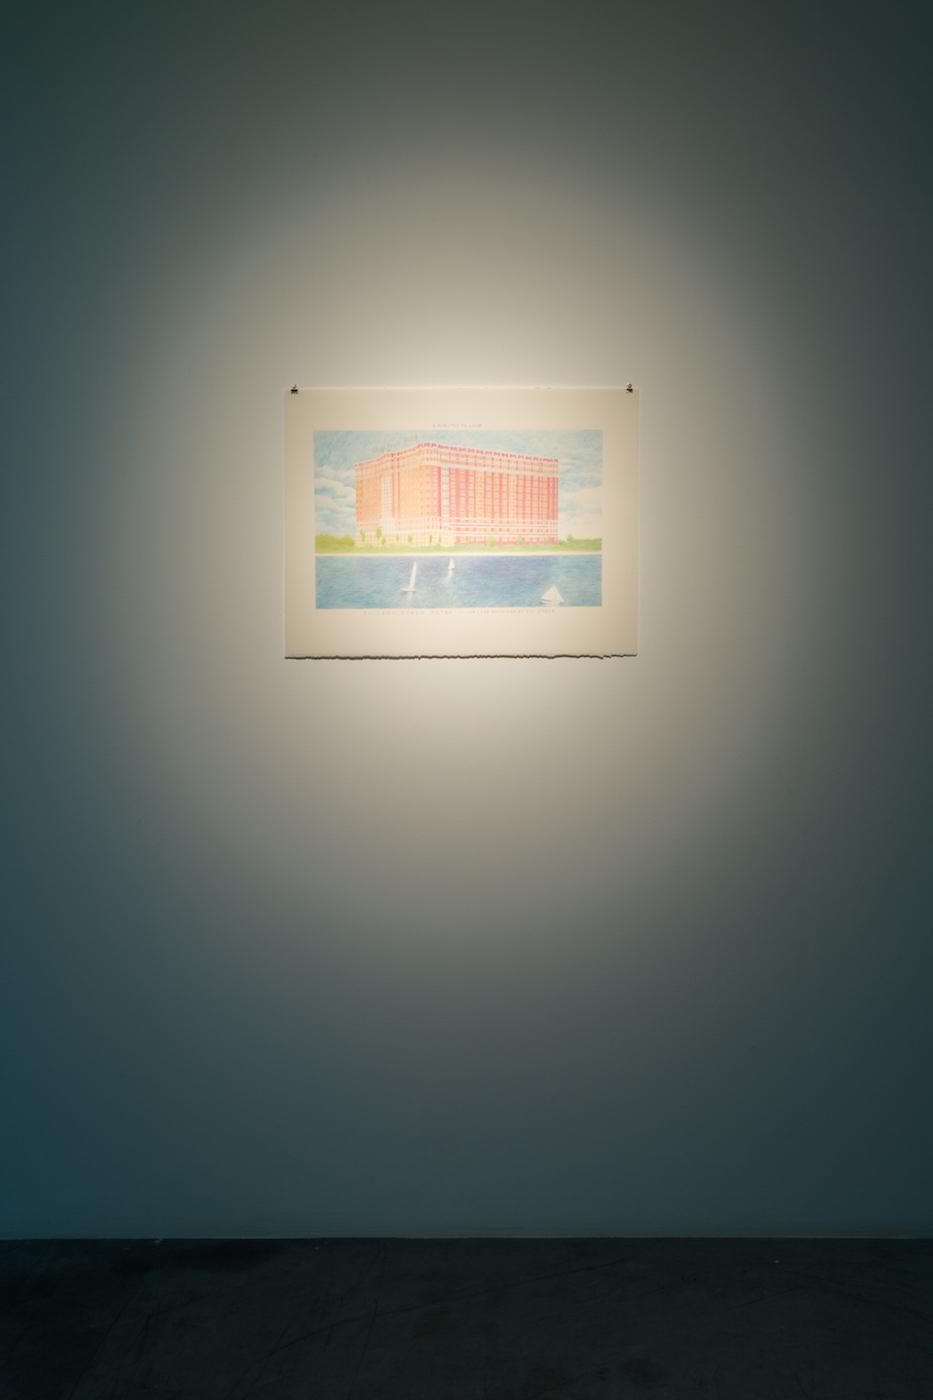 Chicago Beach Hotel 2014 Graphite on paper 23 x 30 cm